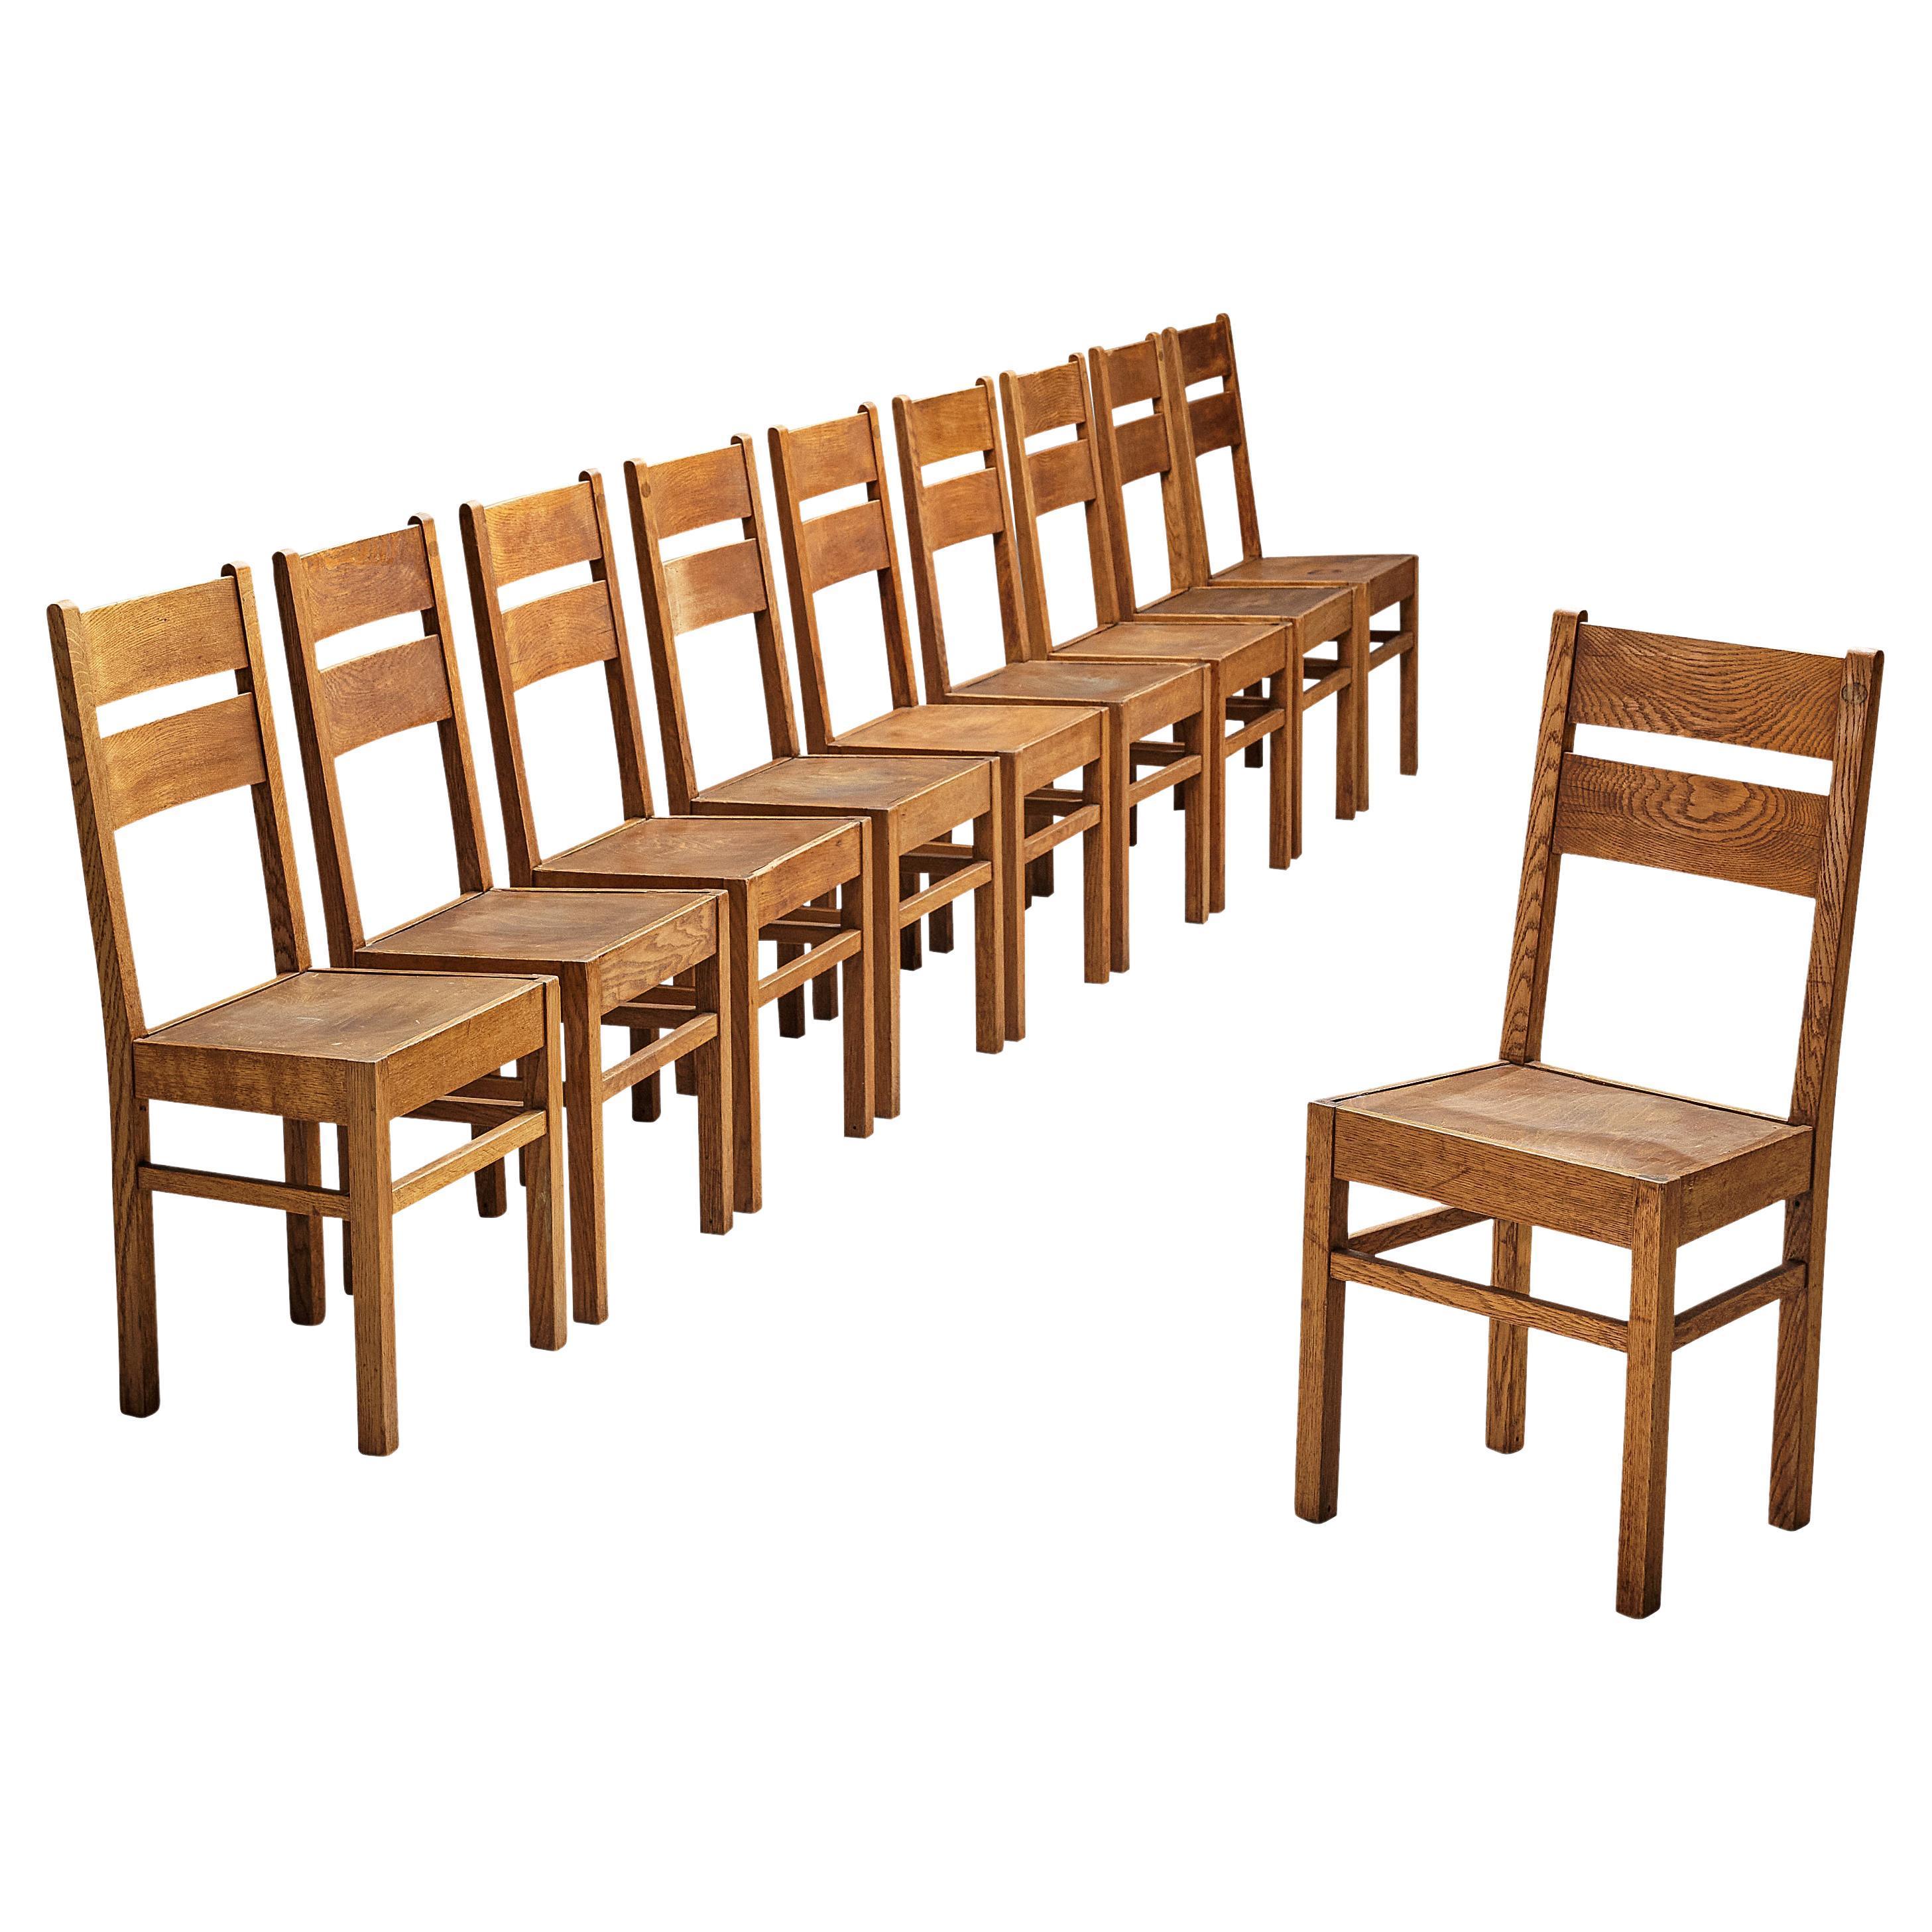 Dutch Dining Chairs in Oak